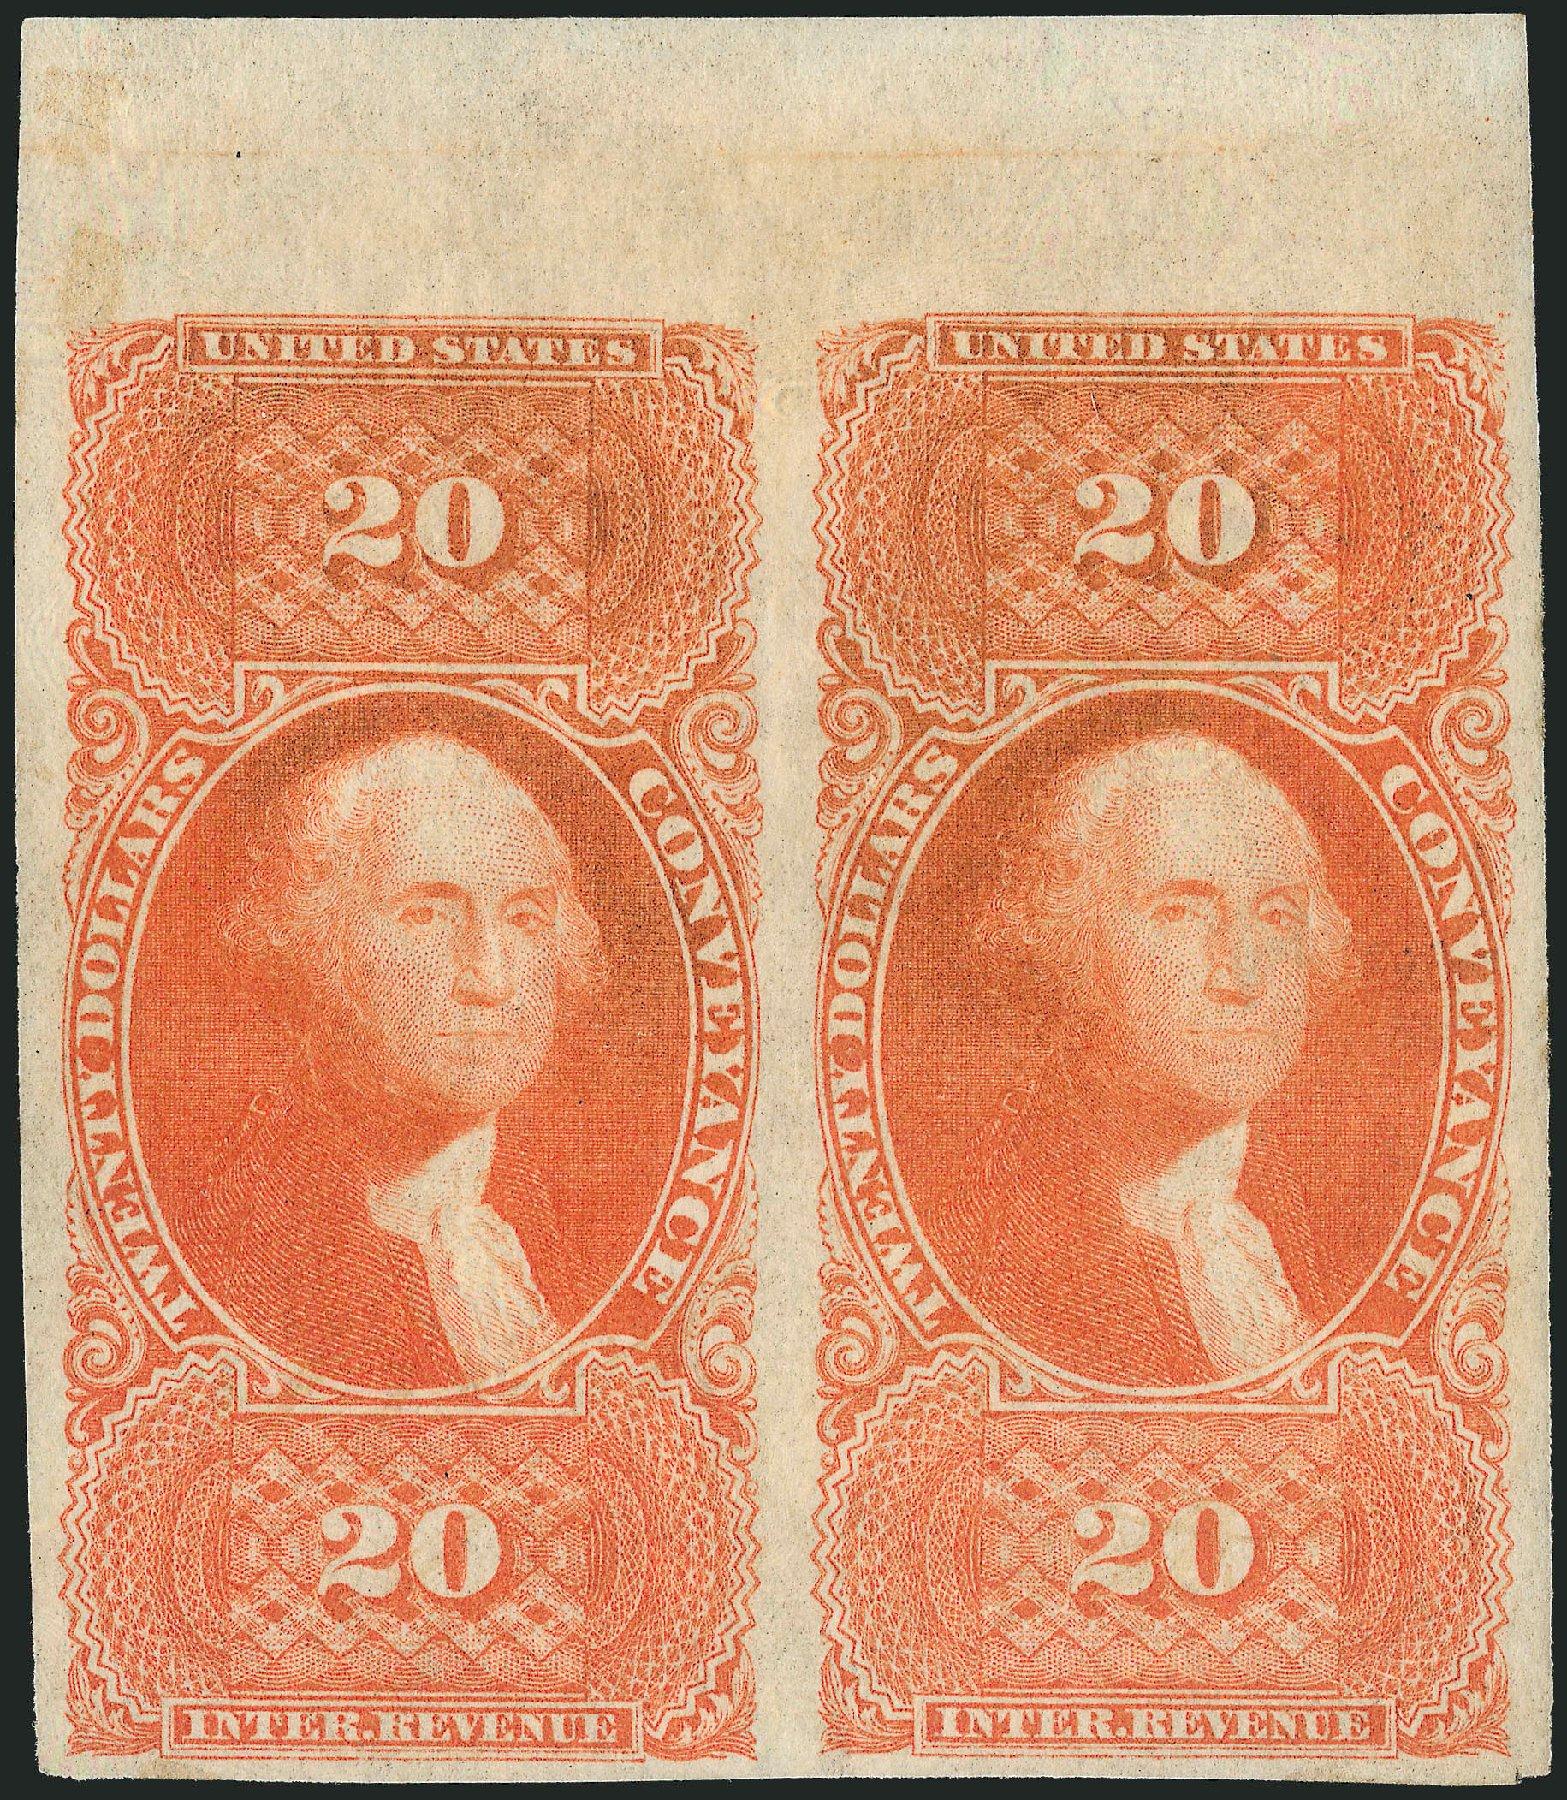 US Stamps Values Scott Catalog #R98: 1862 US$20.00 Revenue Conveyance. Robert Siegel Auction Galleries, Dec 2014, Sale 1089, Lot 270